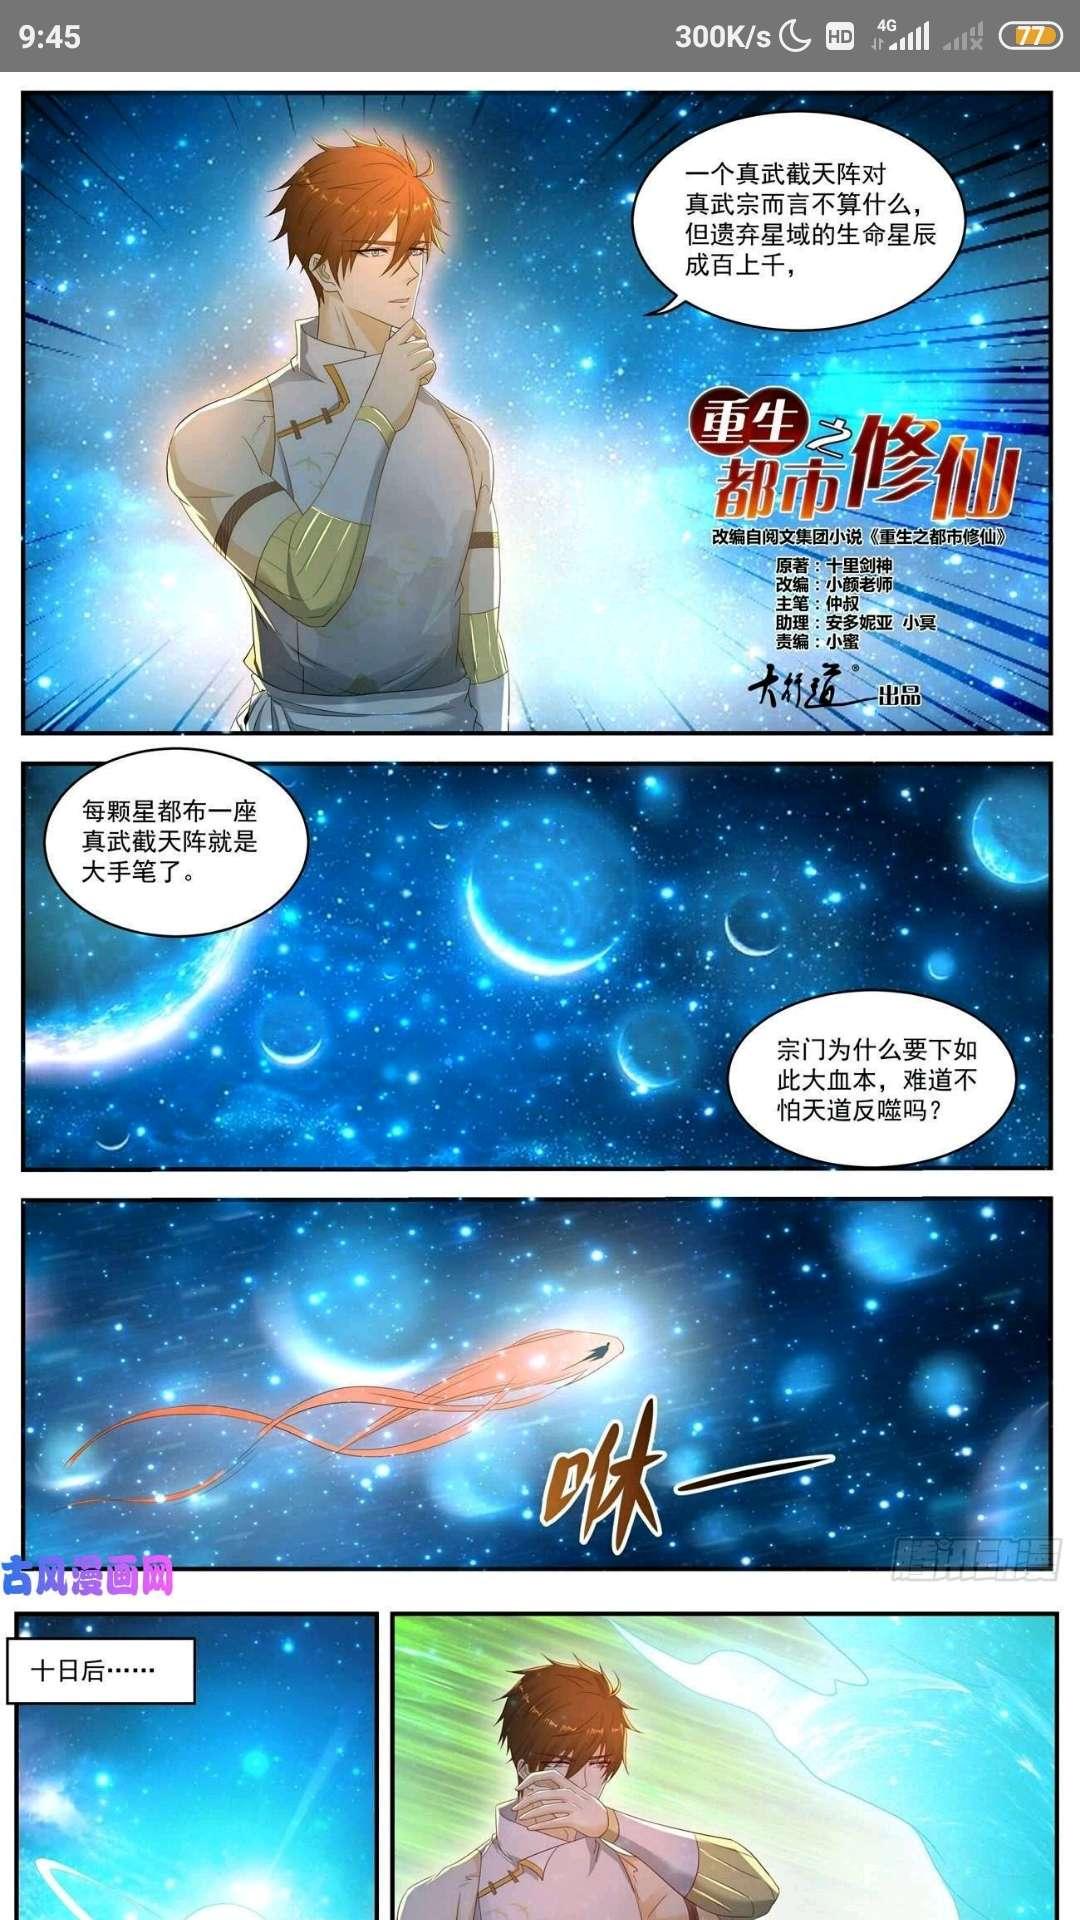 【漫画更新】重生之都市修仙  557-小柚妹站